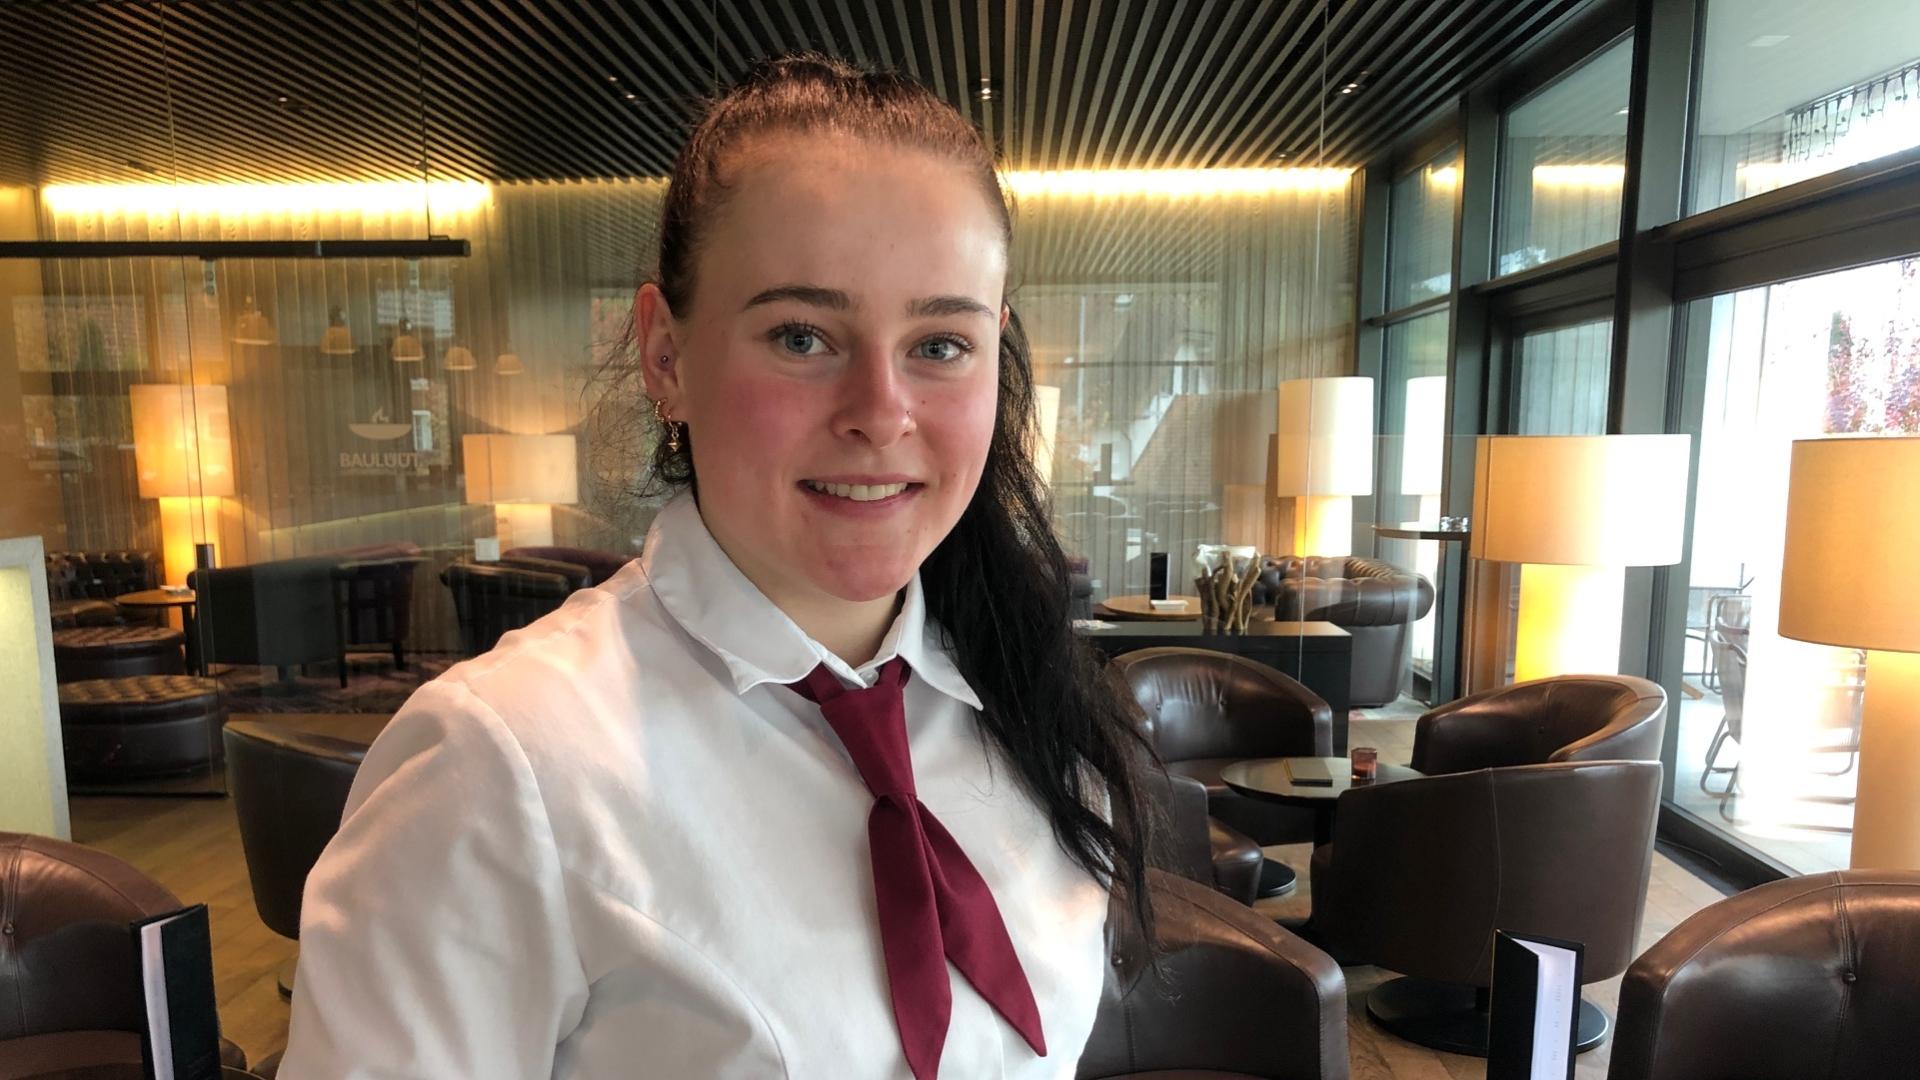 Nadine Heim, Lernende Restaurationsfachfrau